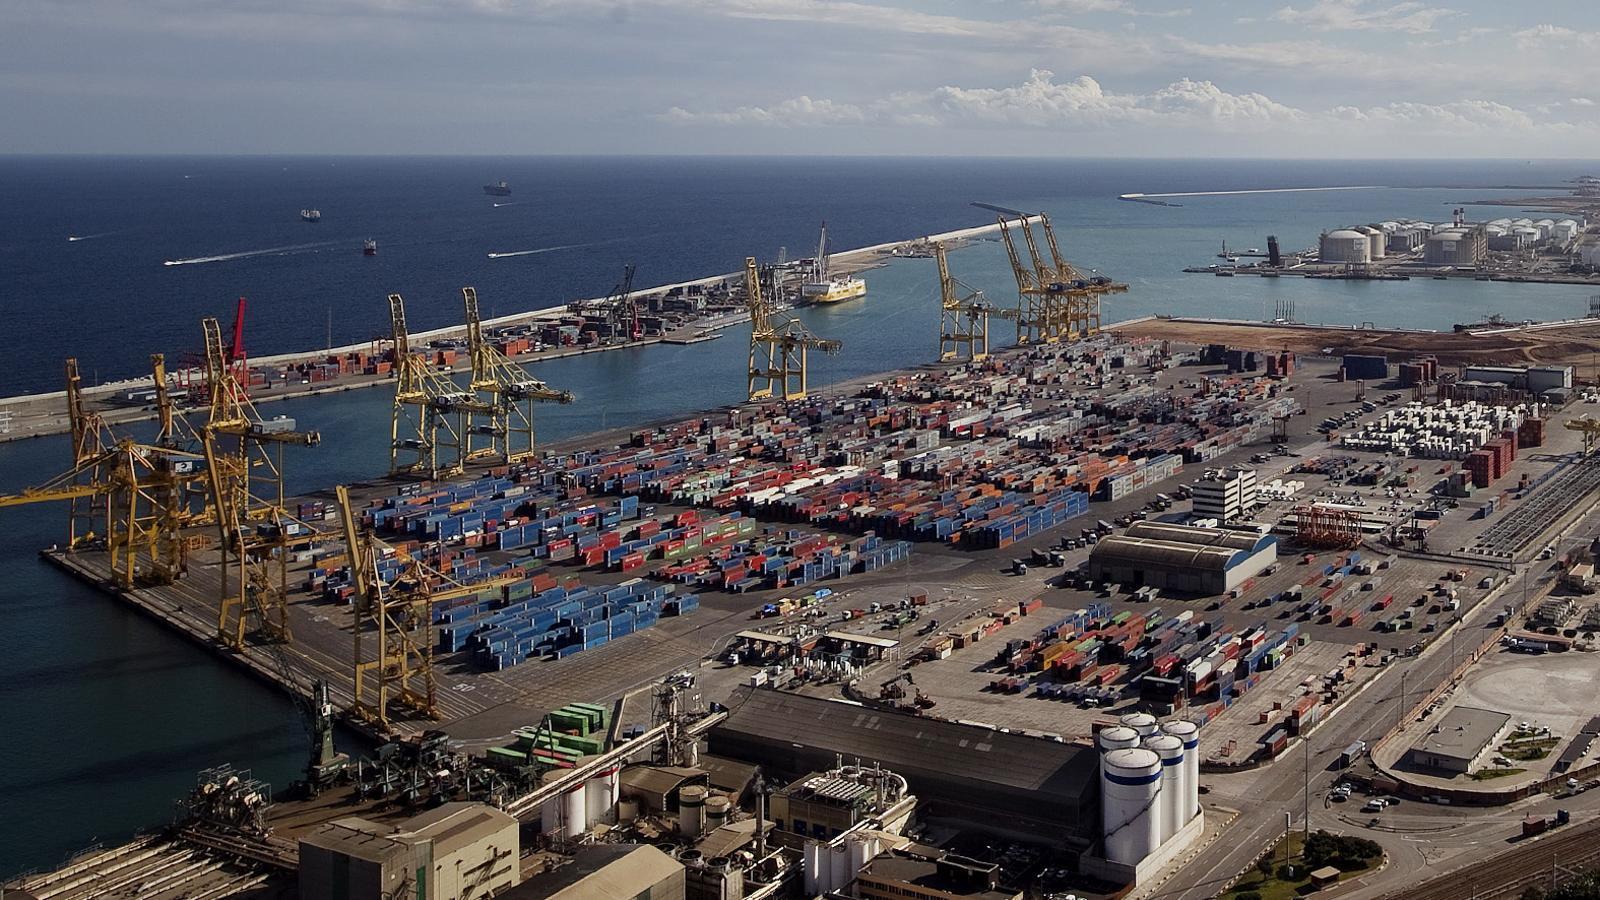 El port de Barcelona creix un 11,4% fins al novembre i supera els 62 milions de tones